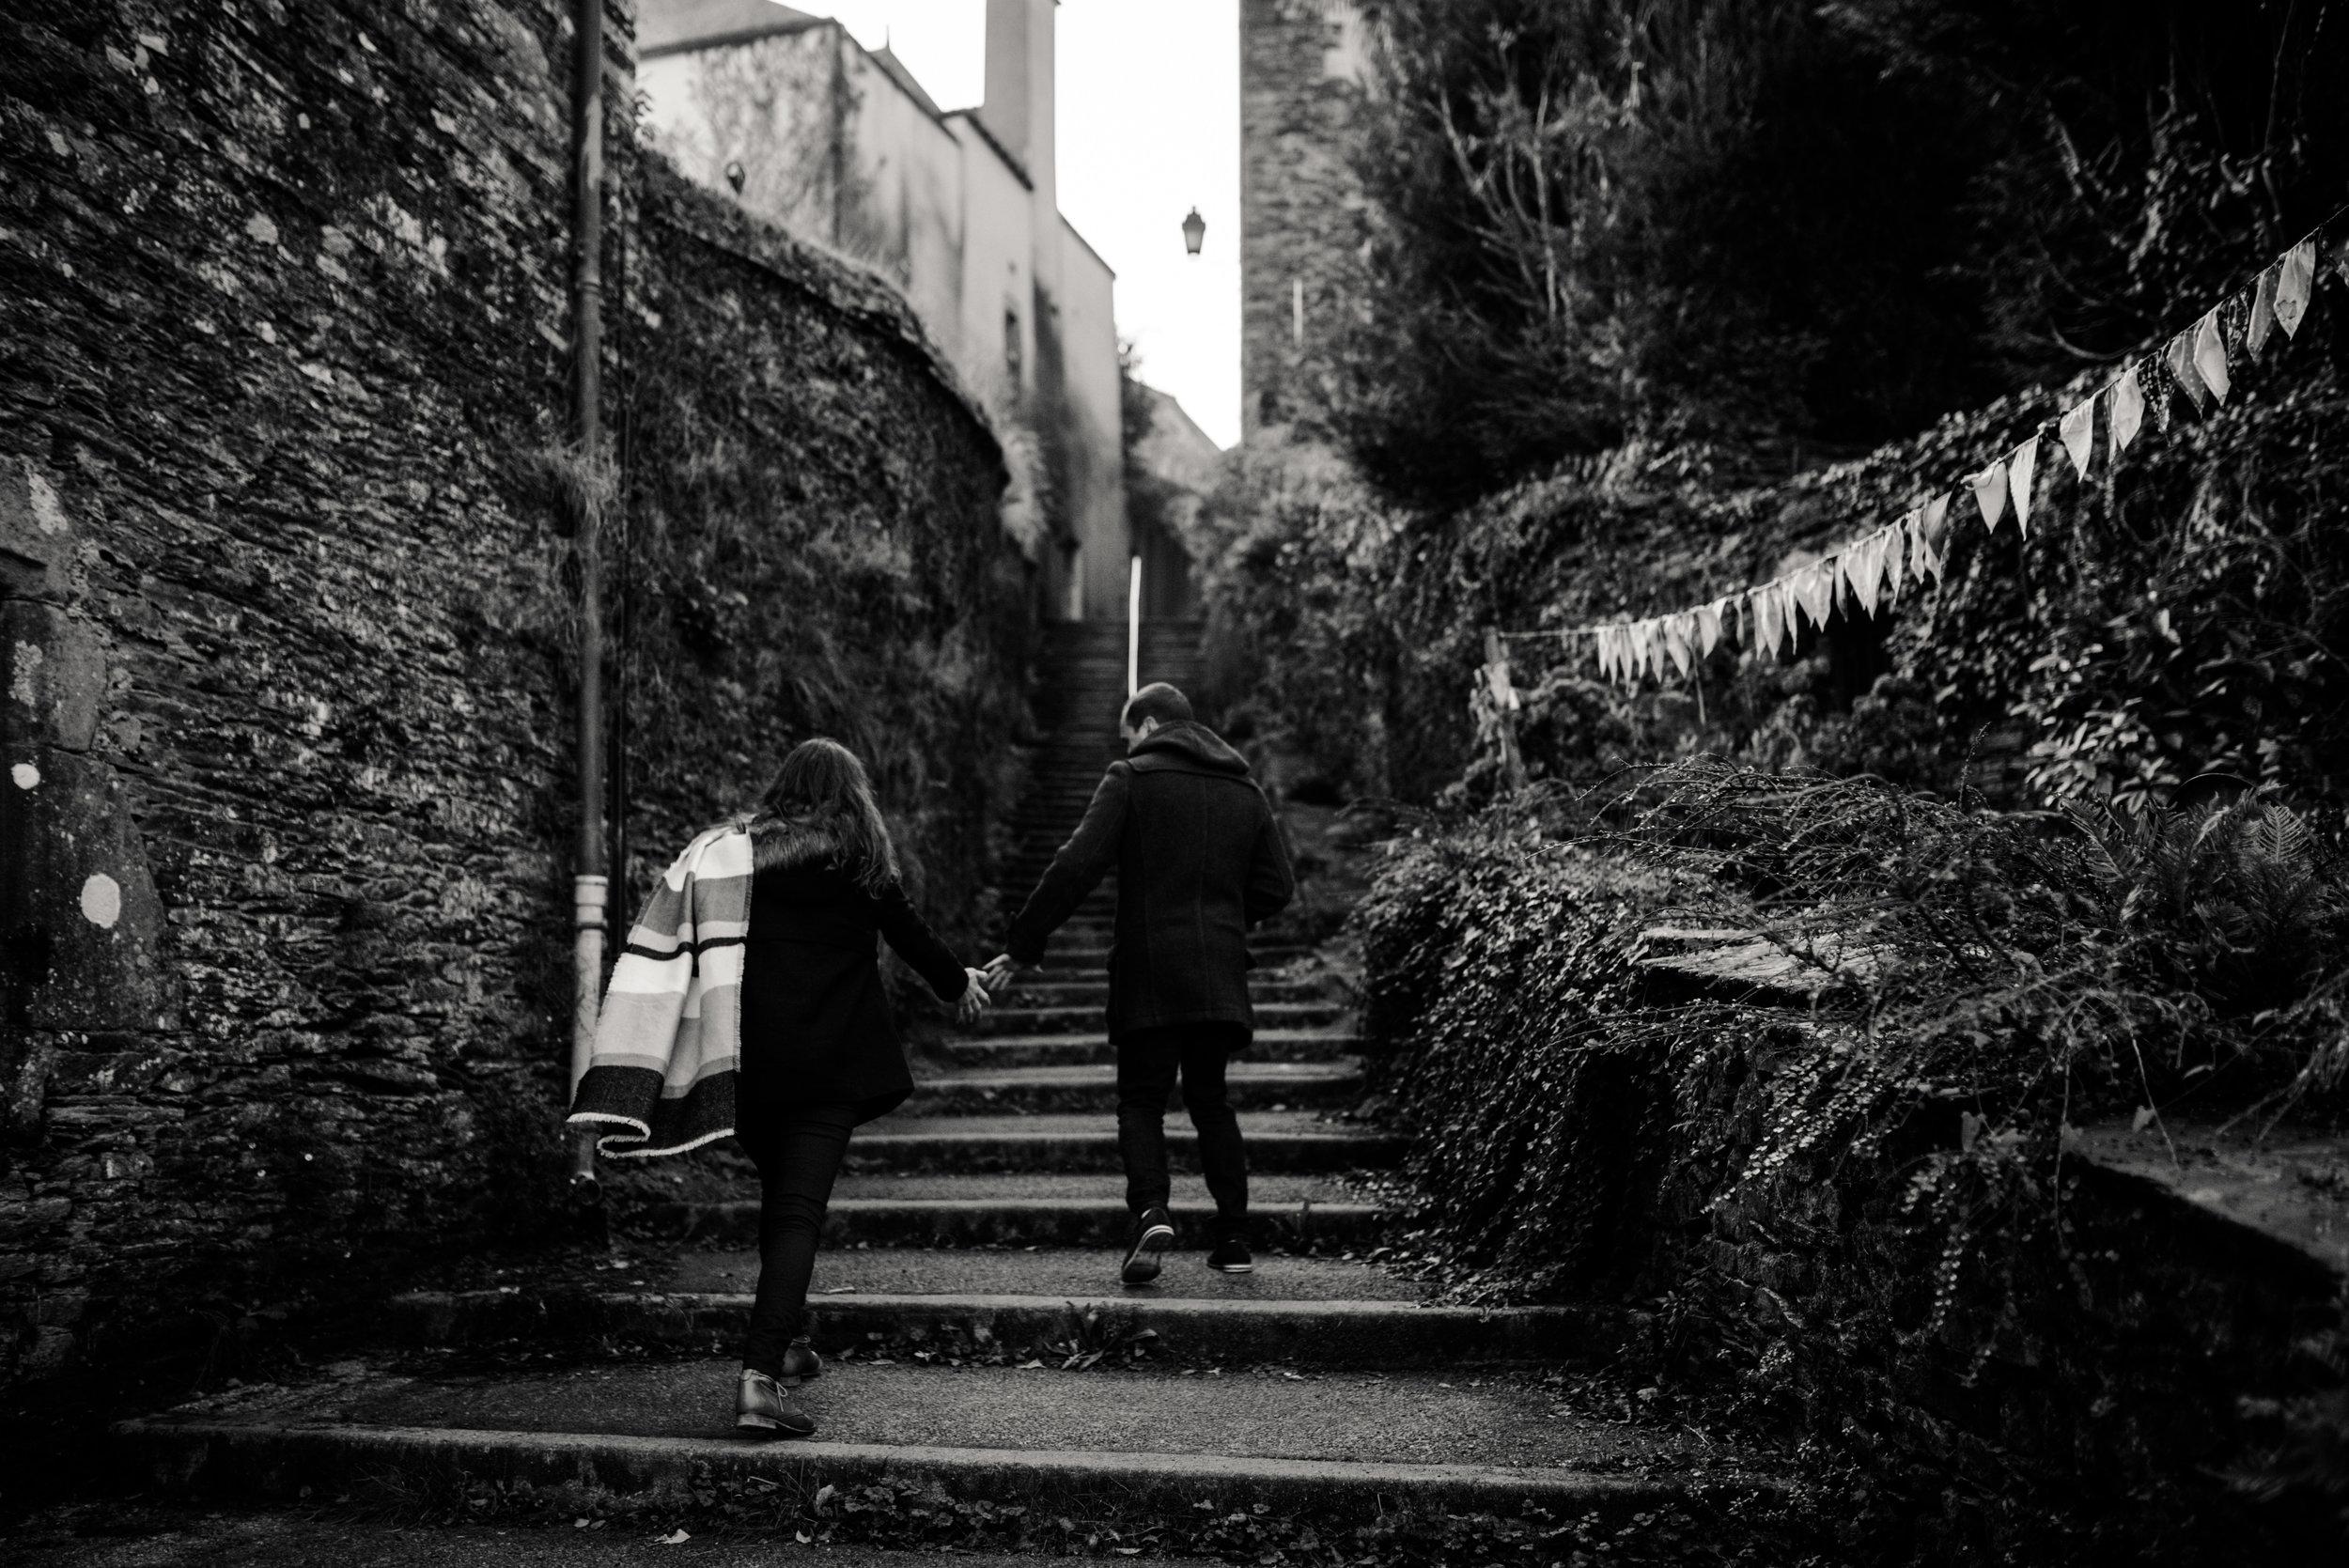 Léa-Fery-photographe-professionnel-lyon-rhone-alpes-portrait-creation-mariage-evenement-evenementiel-famille-4627.jpg